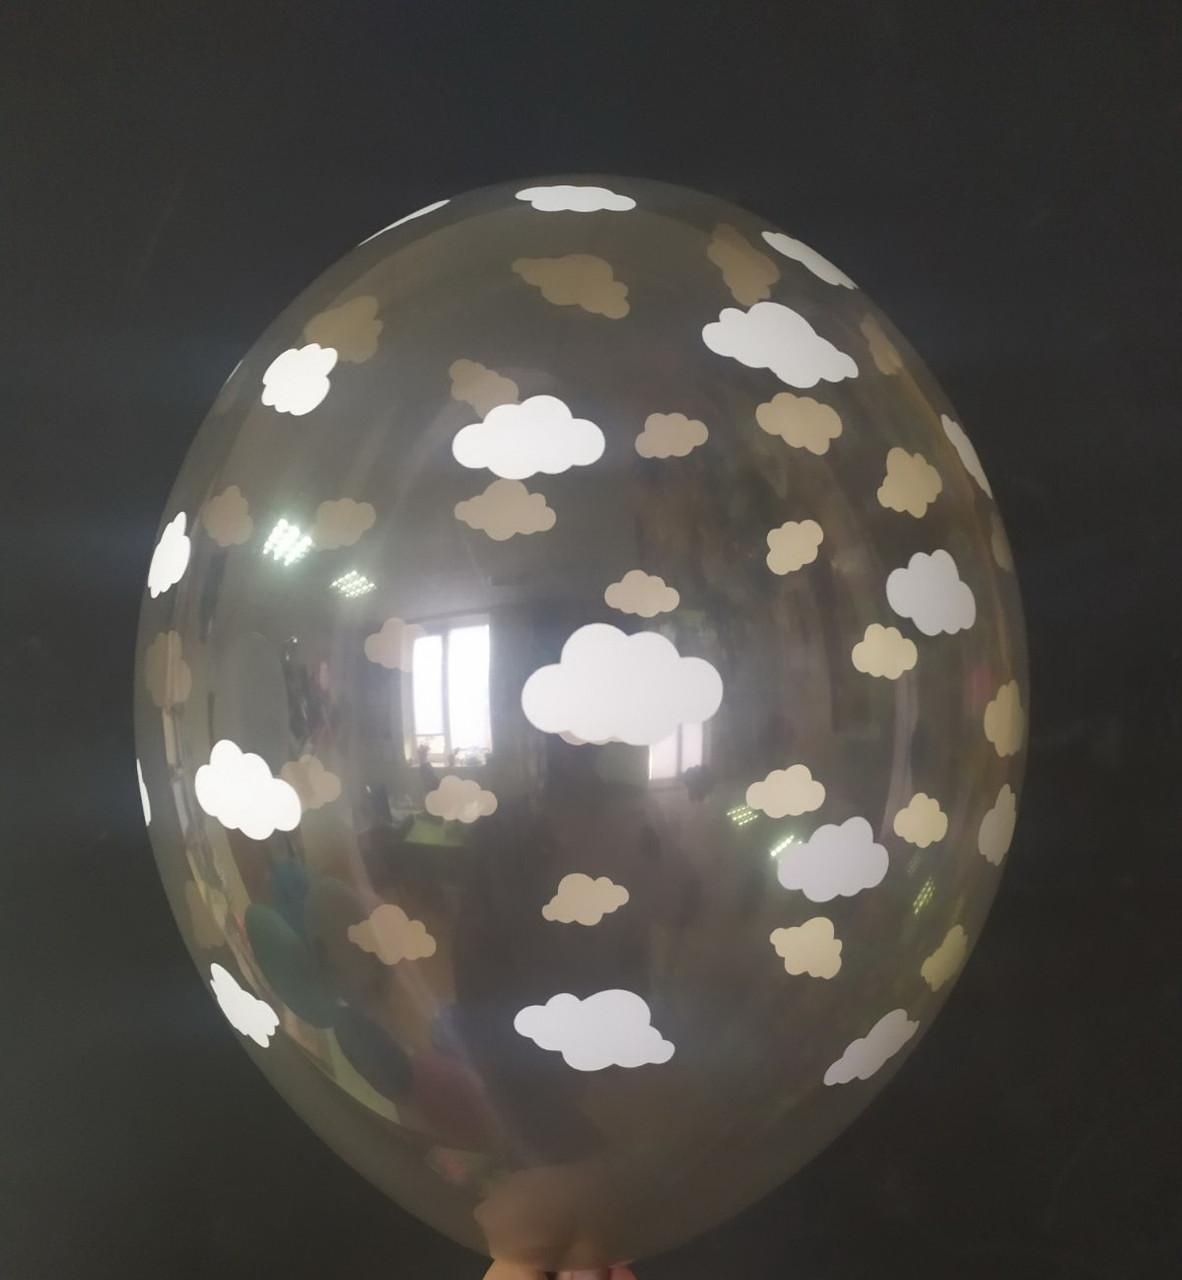 """Латексна кулька з малюнком хмаринки кристал рожевий льодяник 12"""" Belbal ТМ Куля Експерт"""